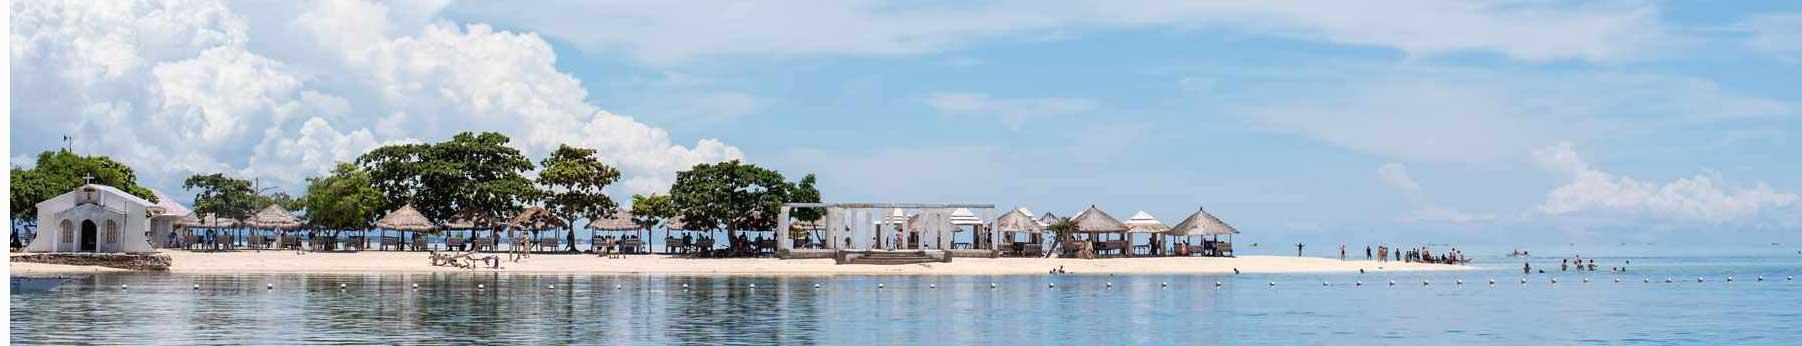 セブのビーチ(風景写真)